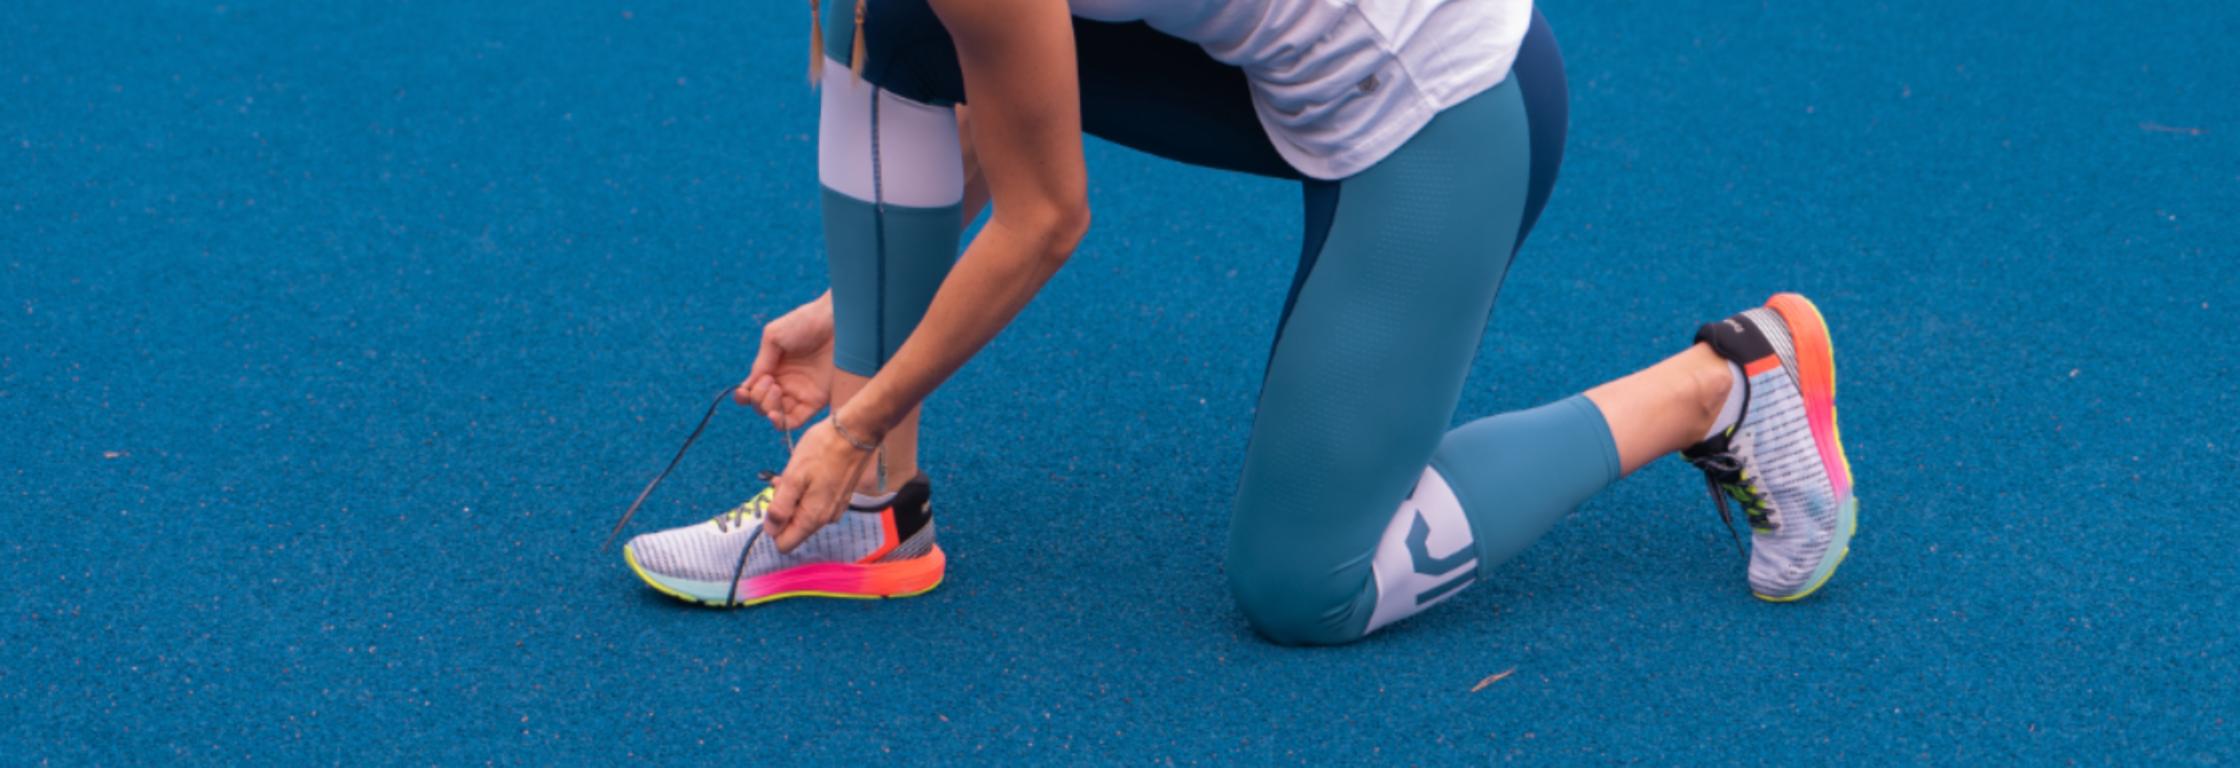 Moet je hardloopschoenen afwisselen?